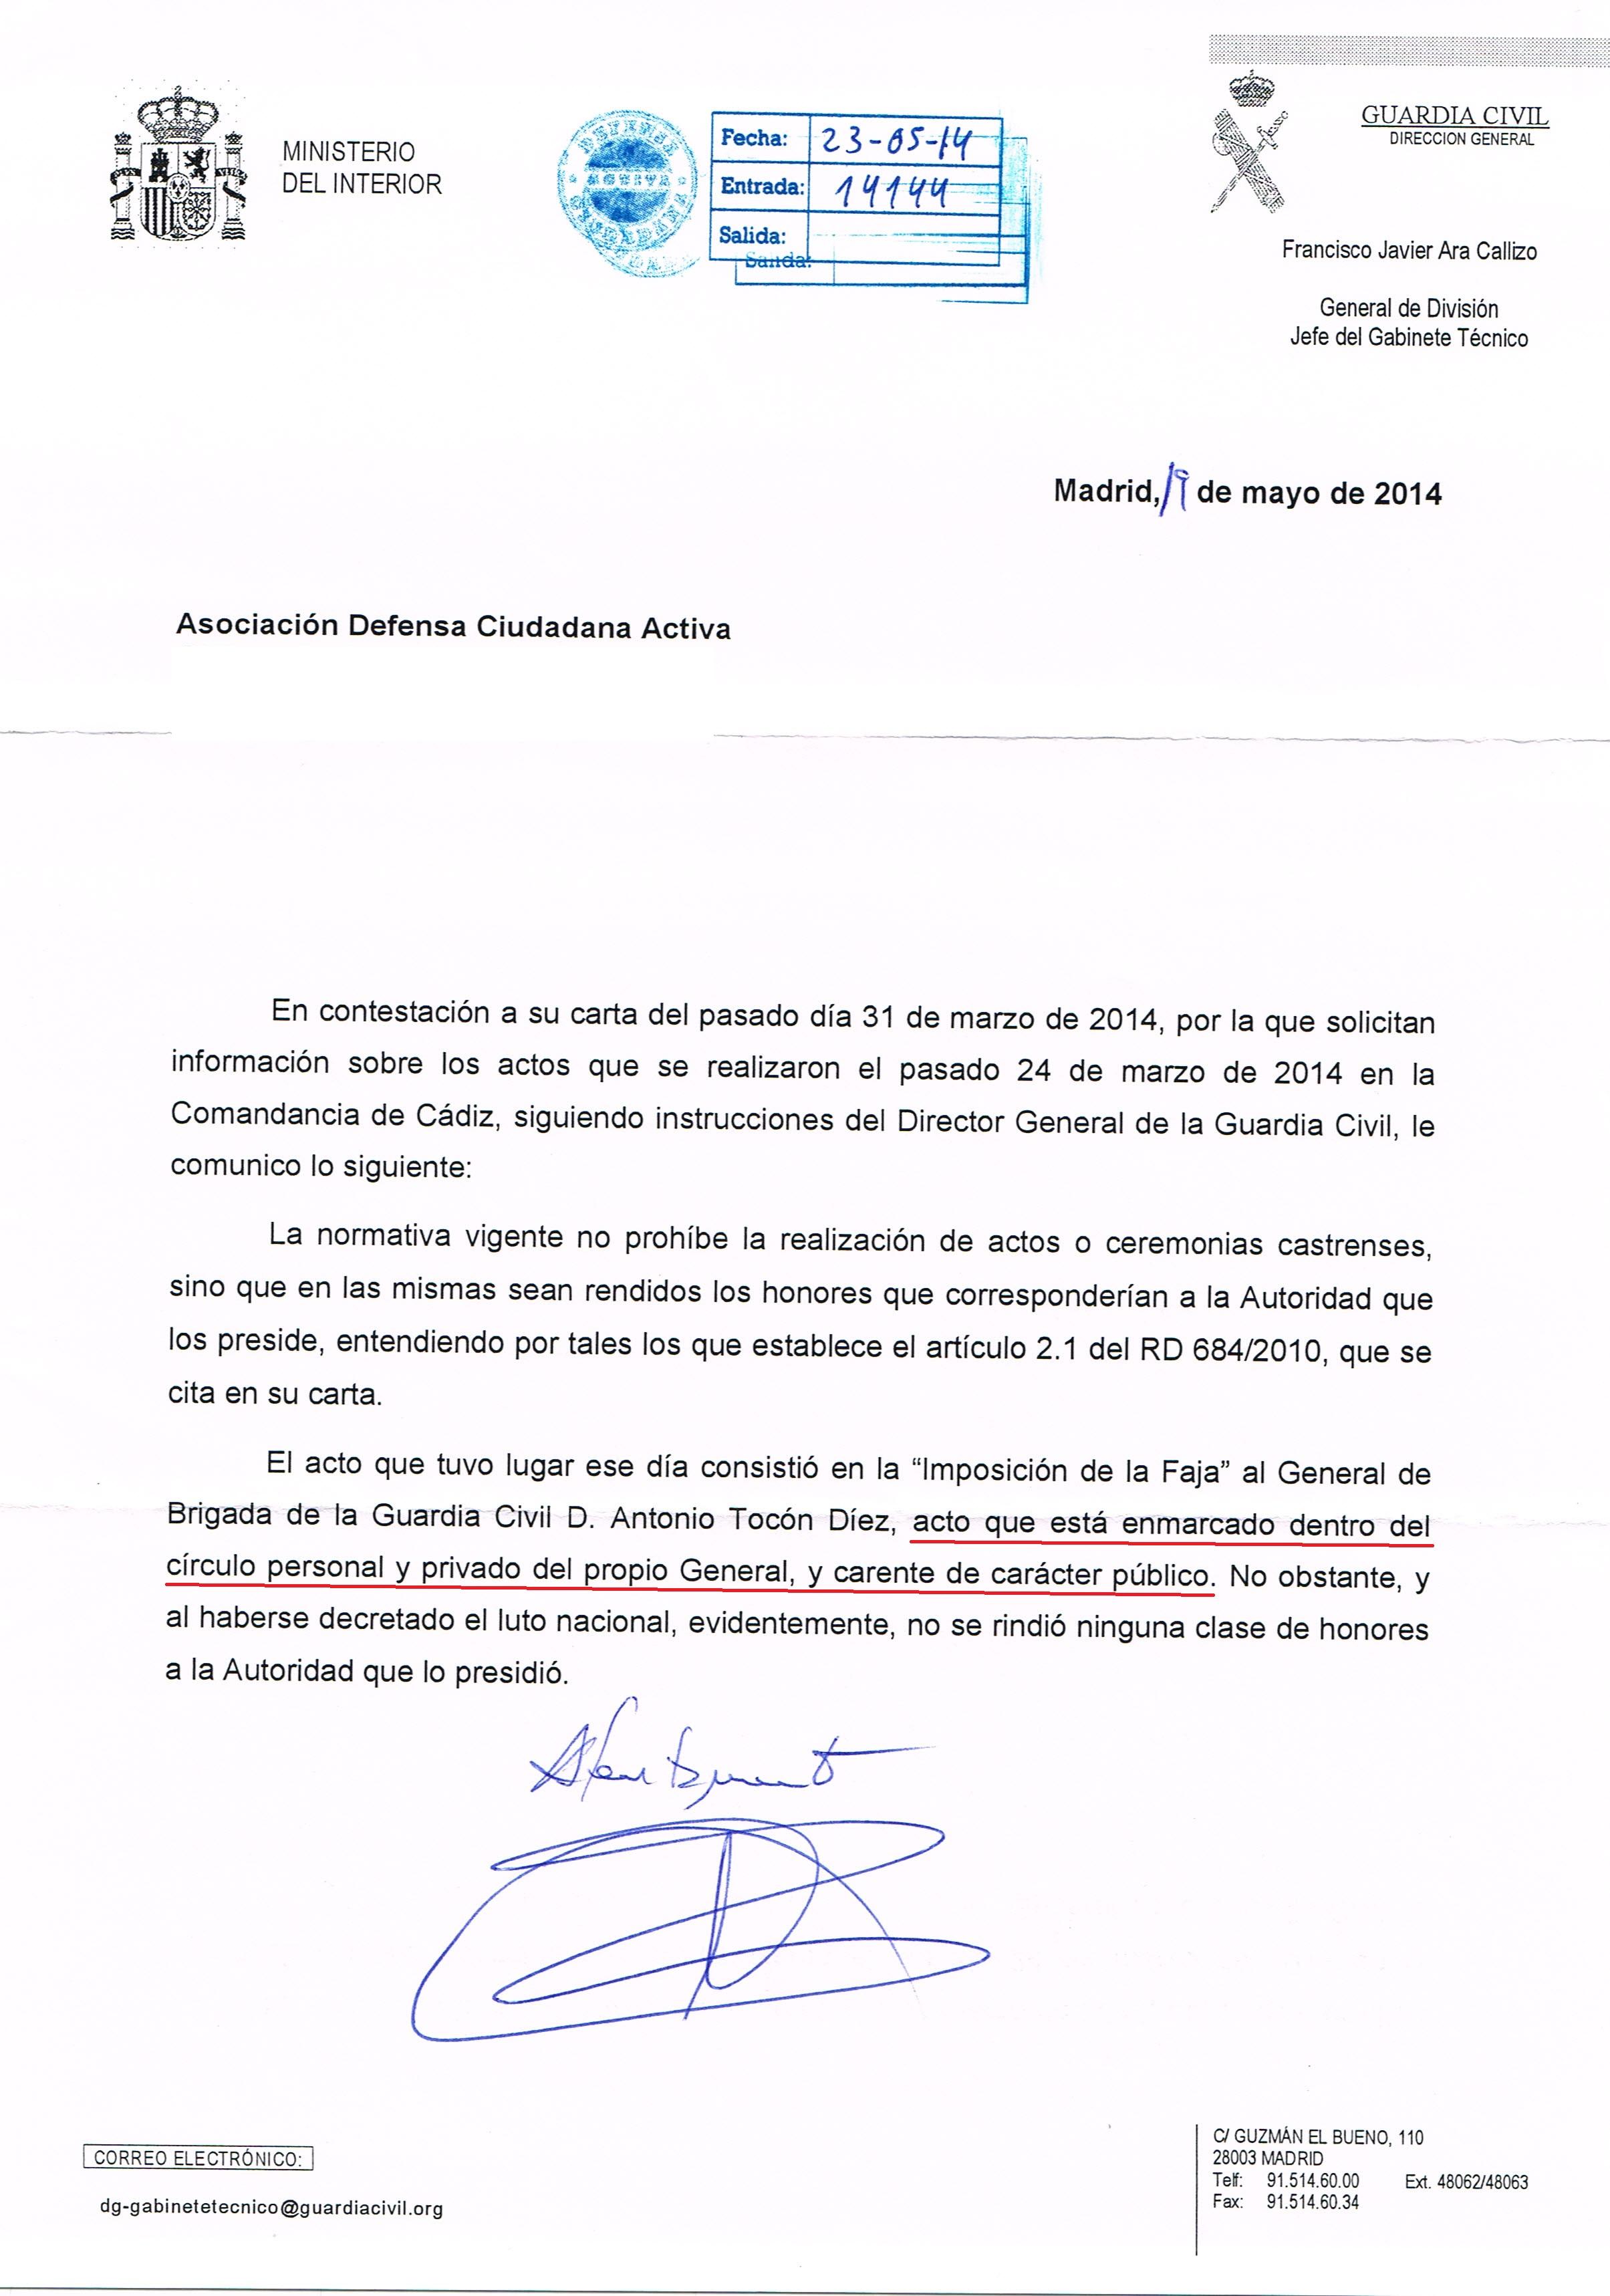 El Ministerio del Interior califica los actos de Cádiz como carentes ...